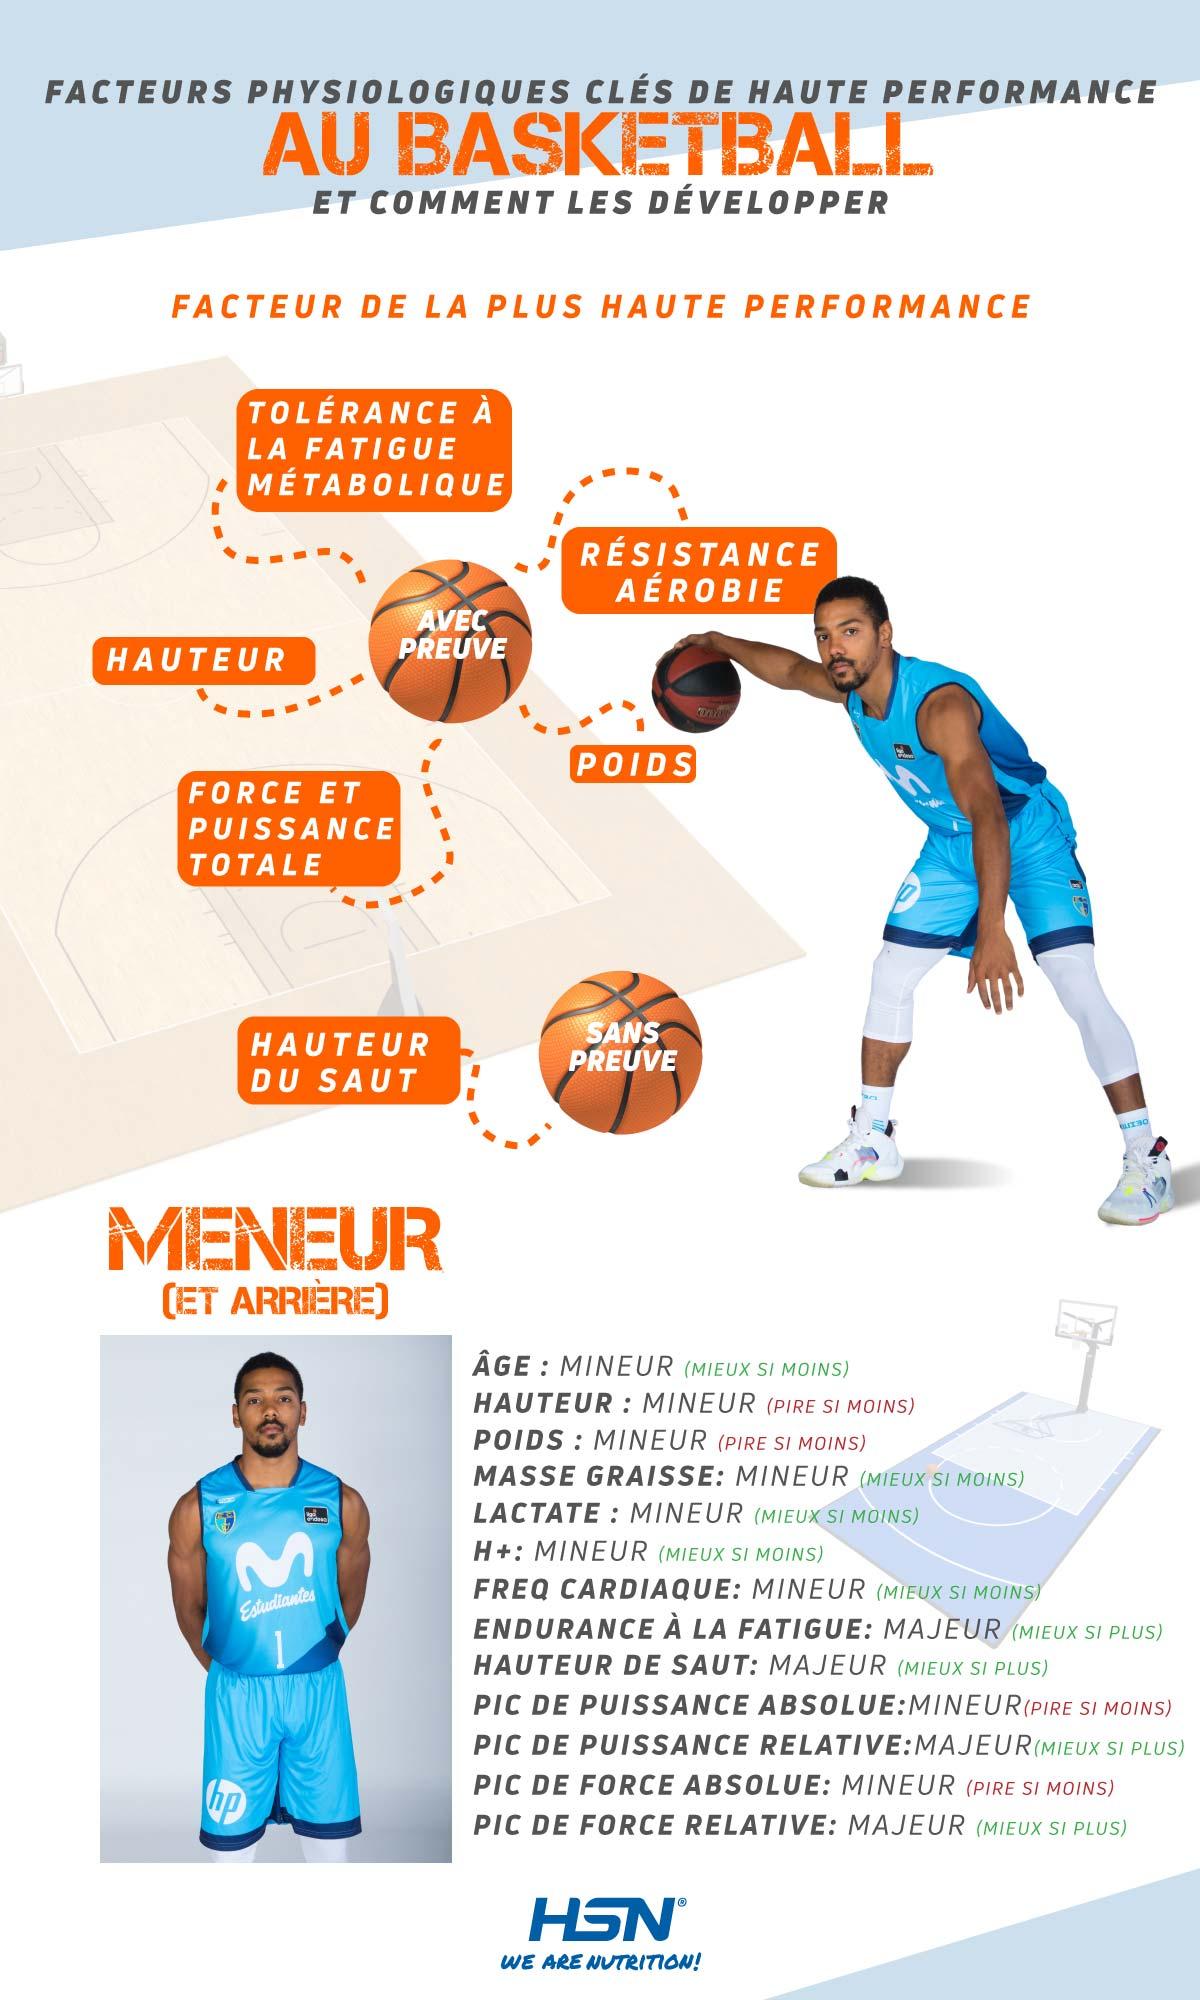 Infographie des déterminants physiologiques au basketball